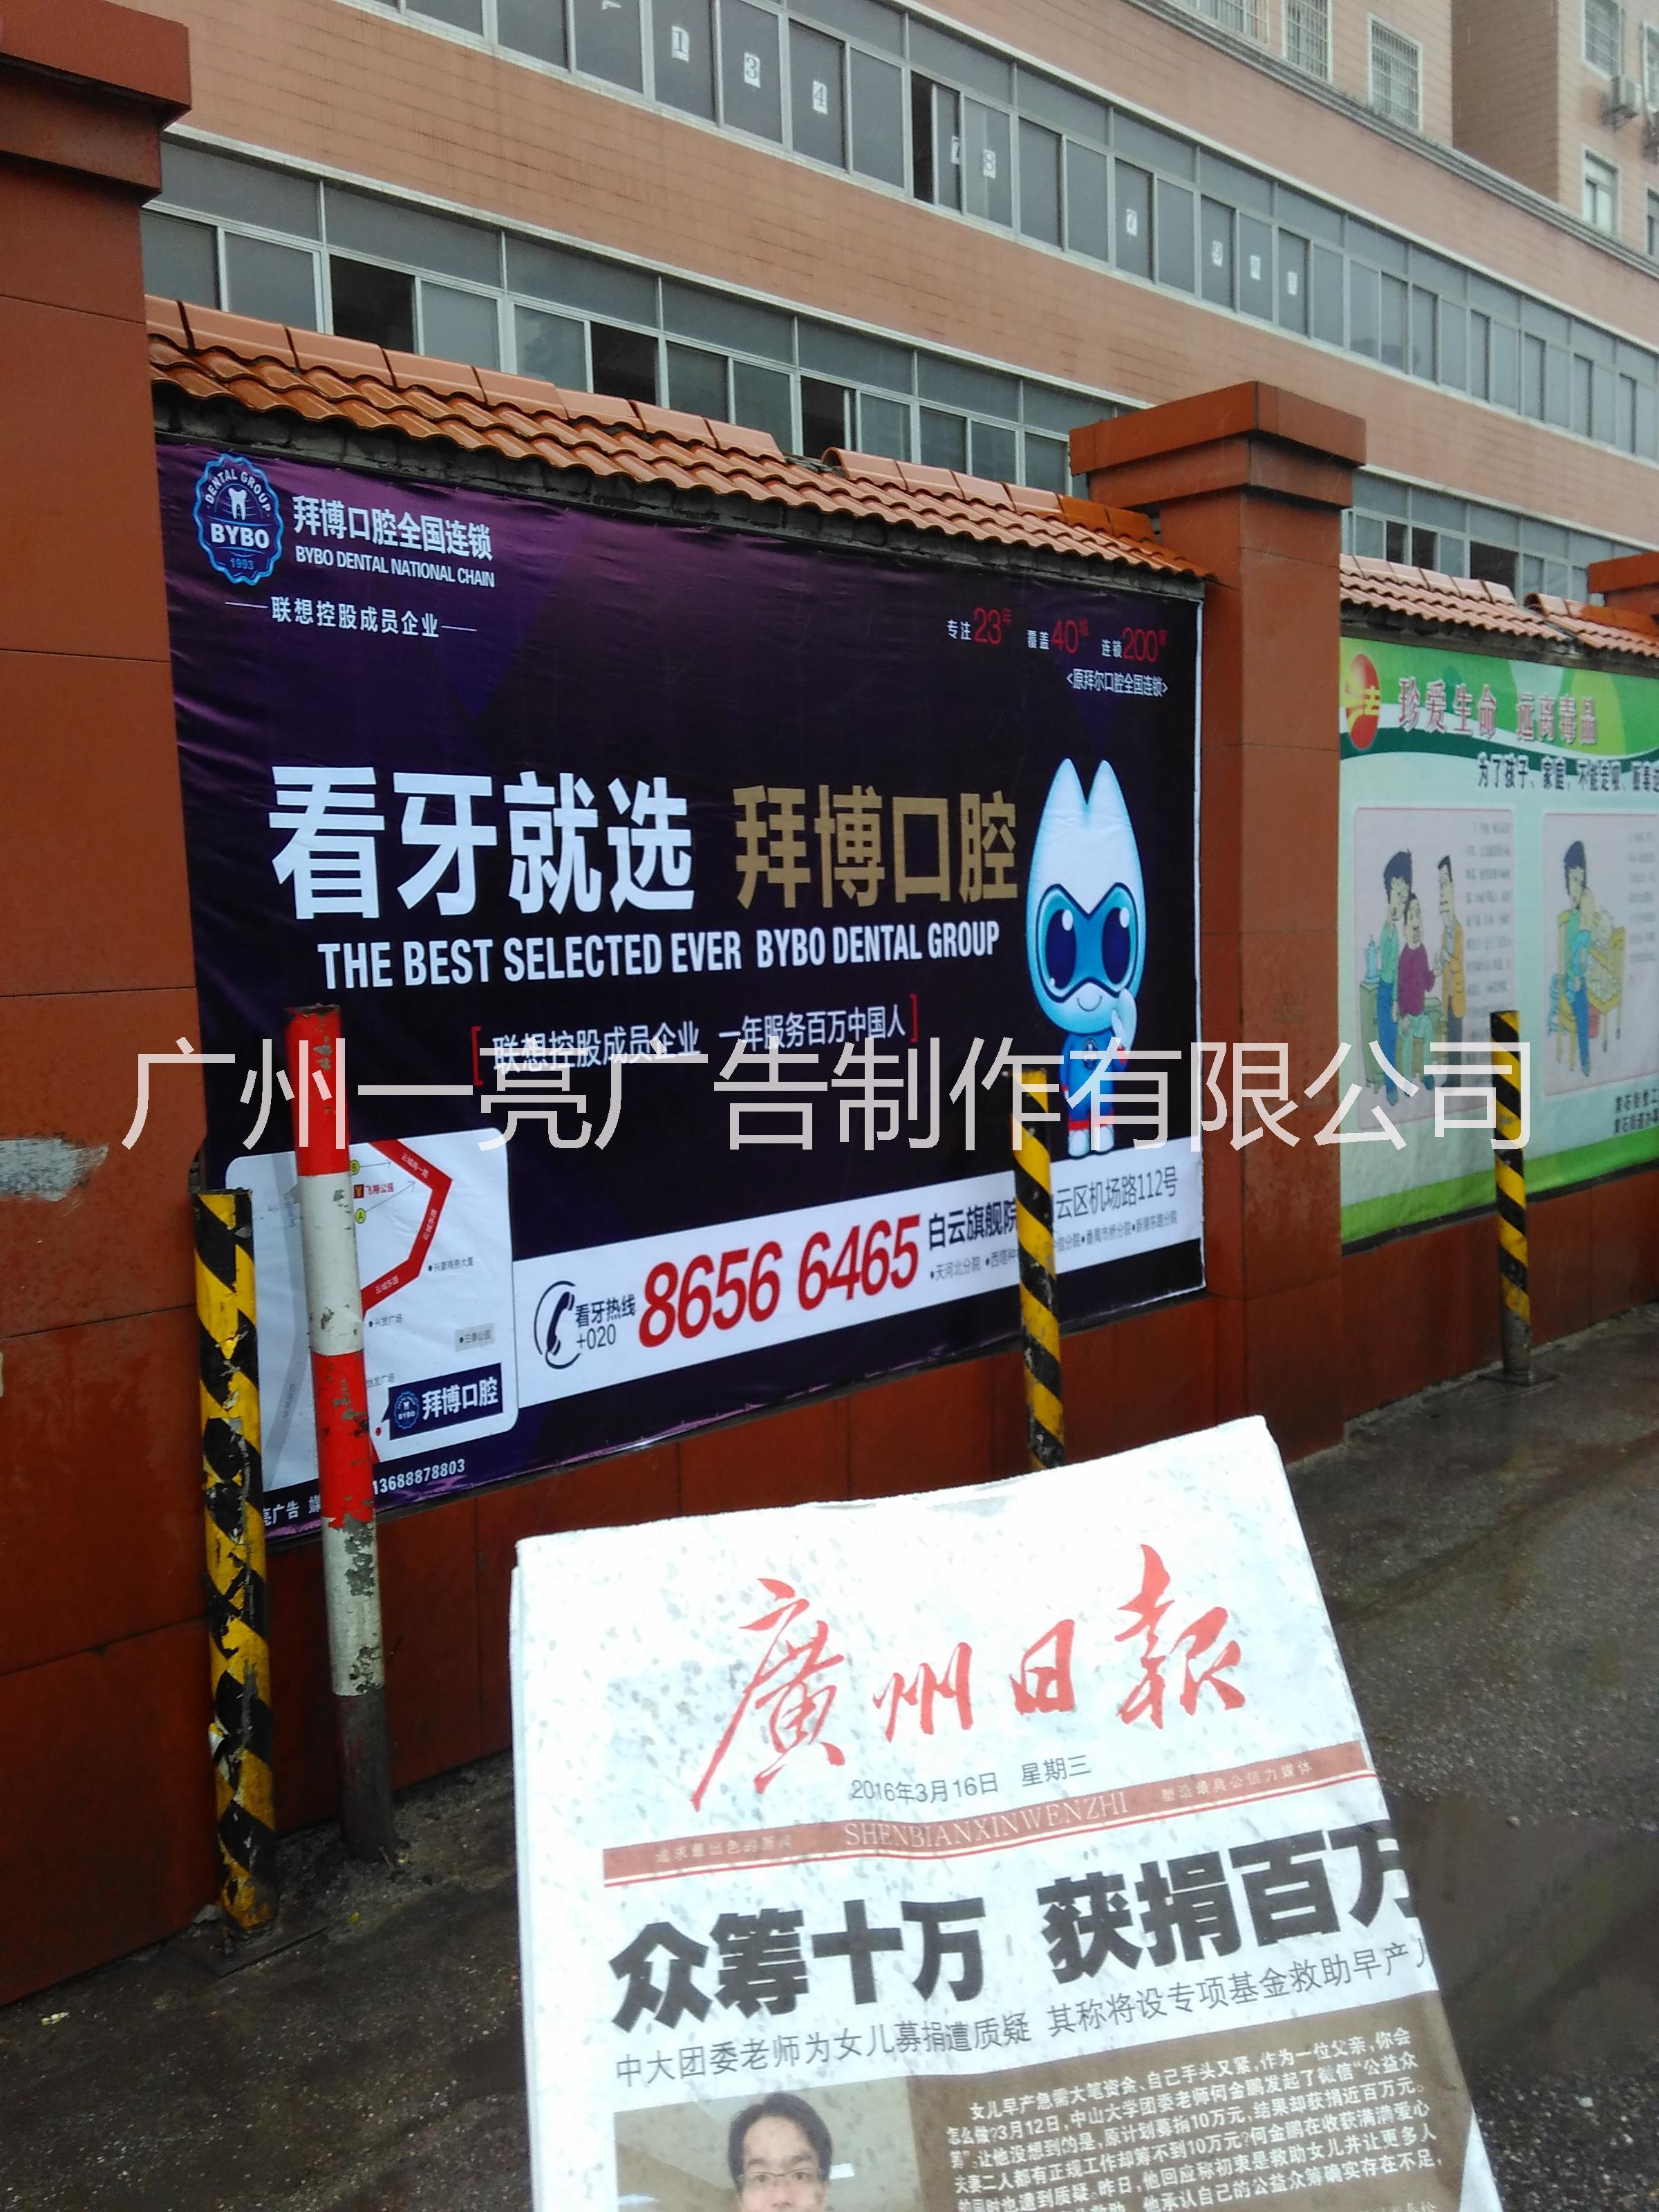 供应广州围墙广告/广州广告发布